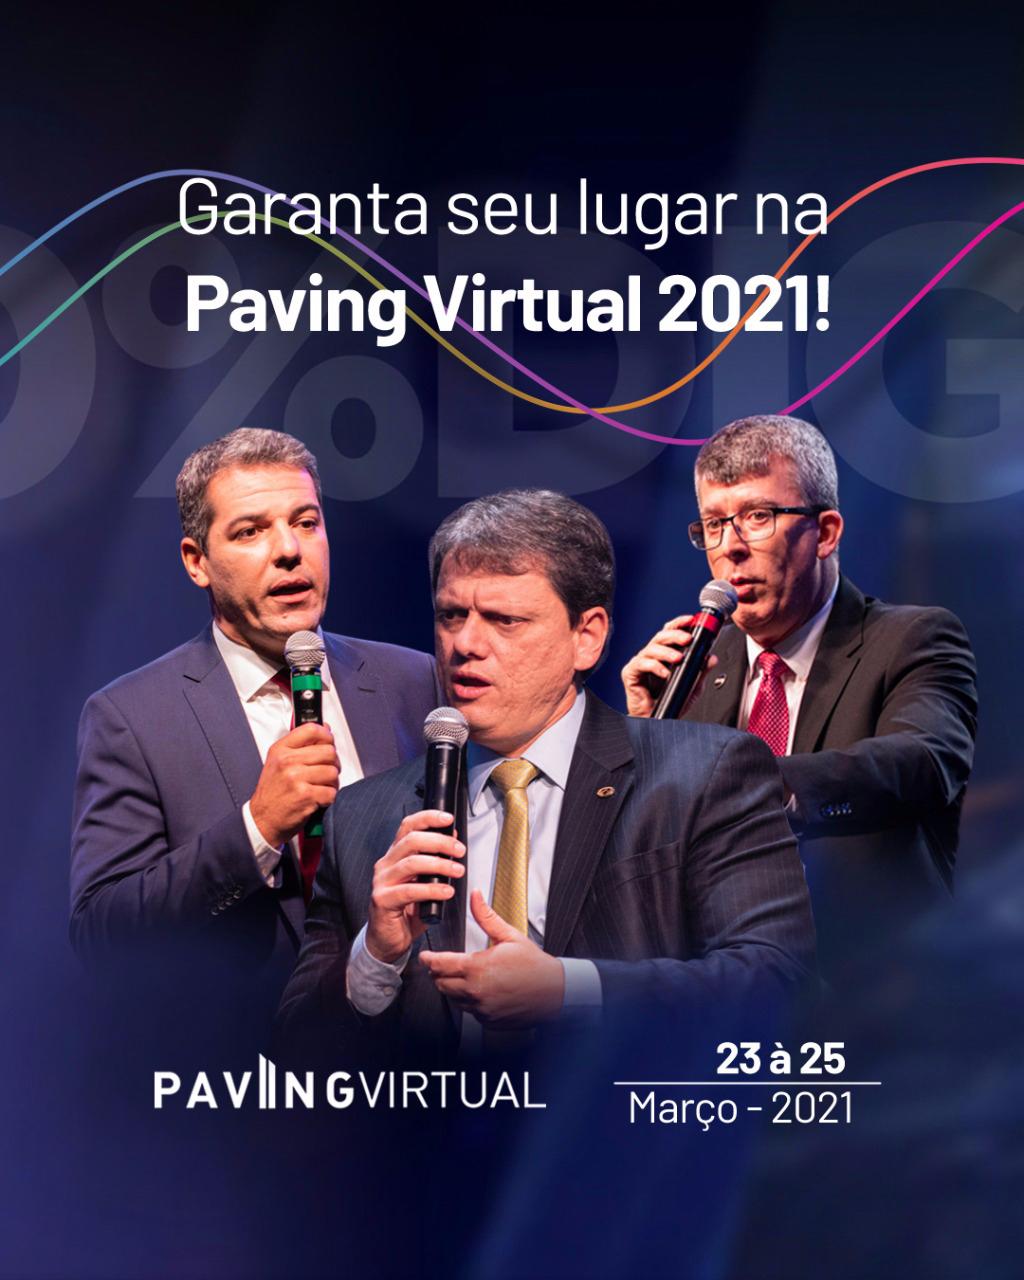 Paving Virtual 2021